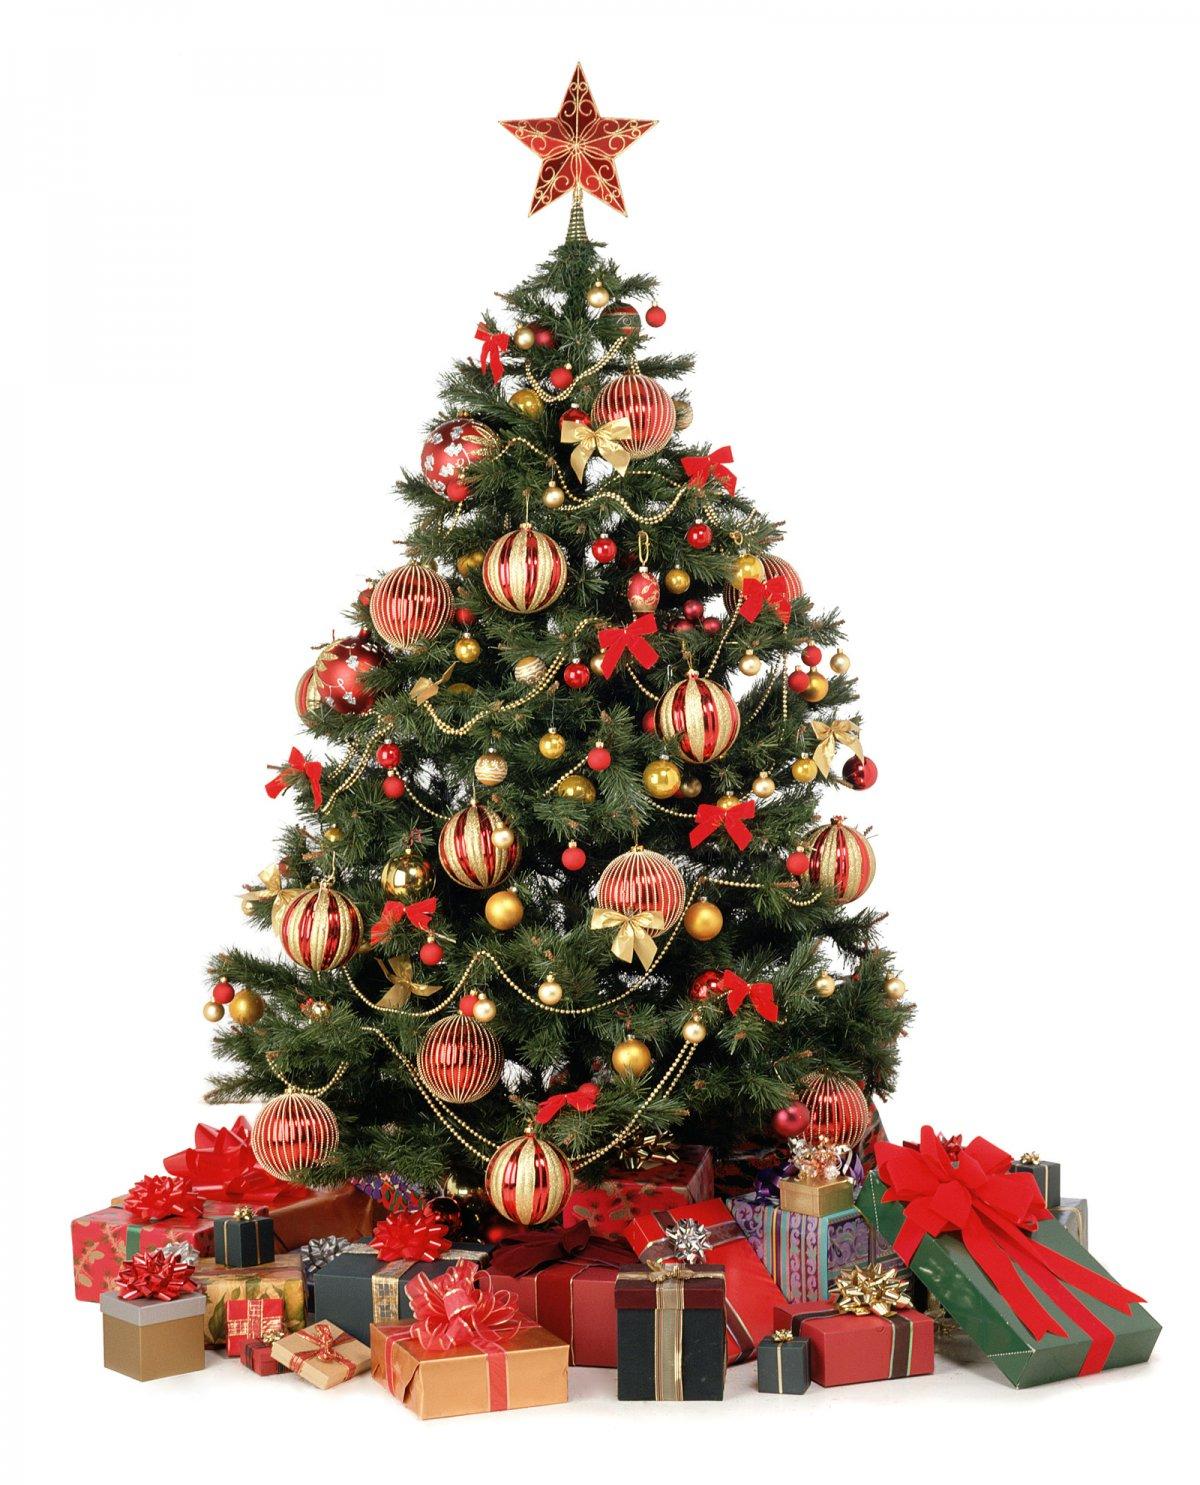 красивые новогодние елки фото